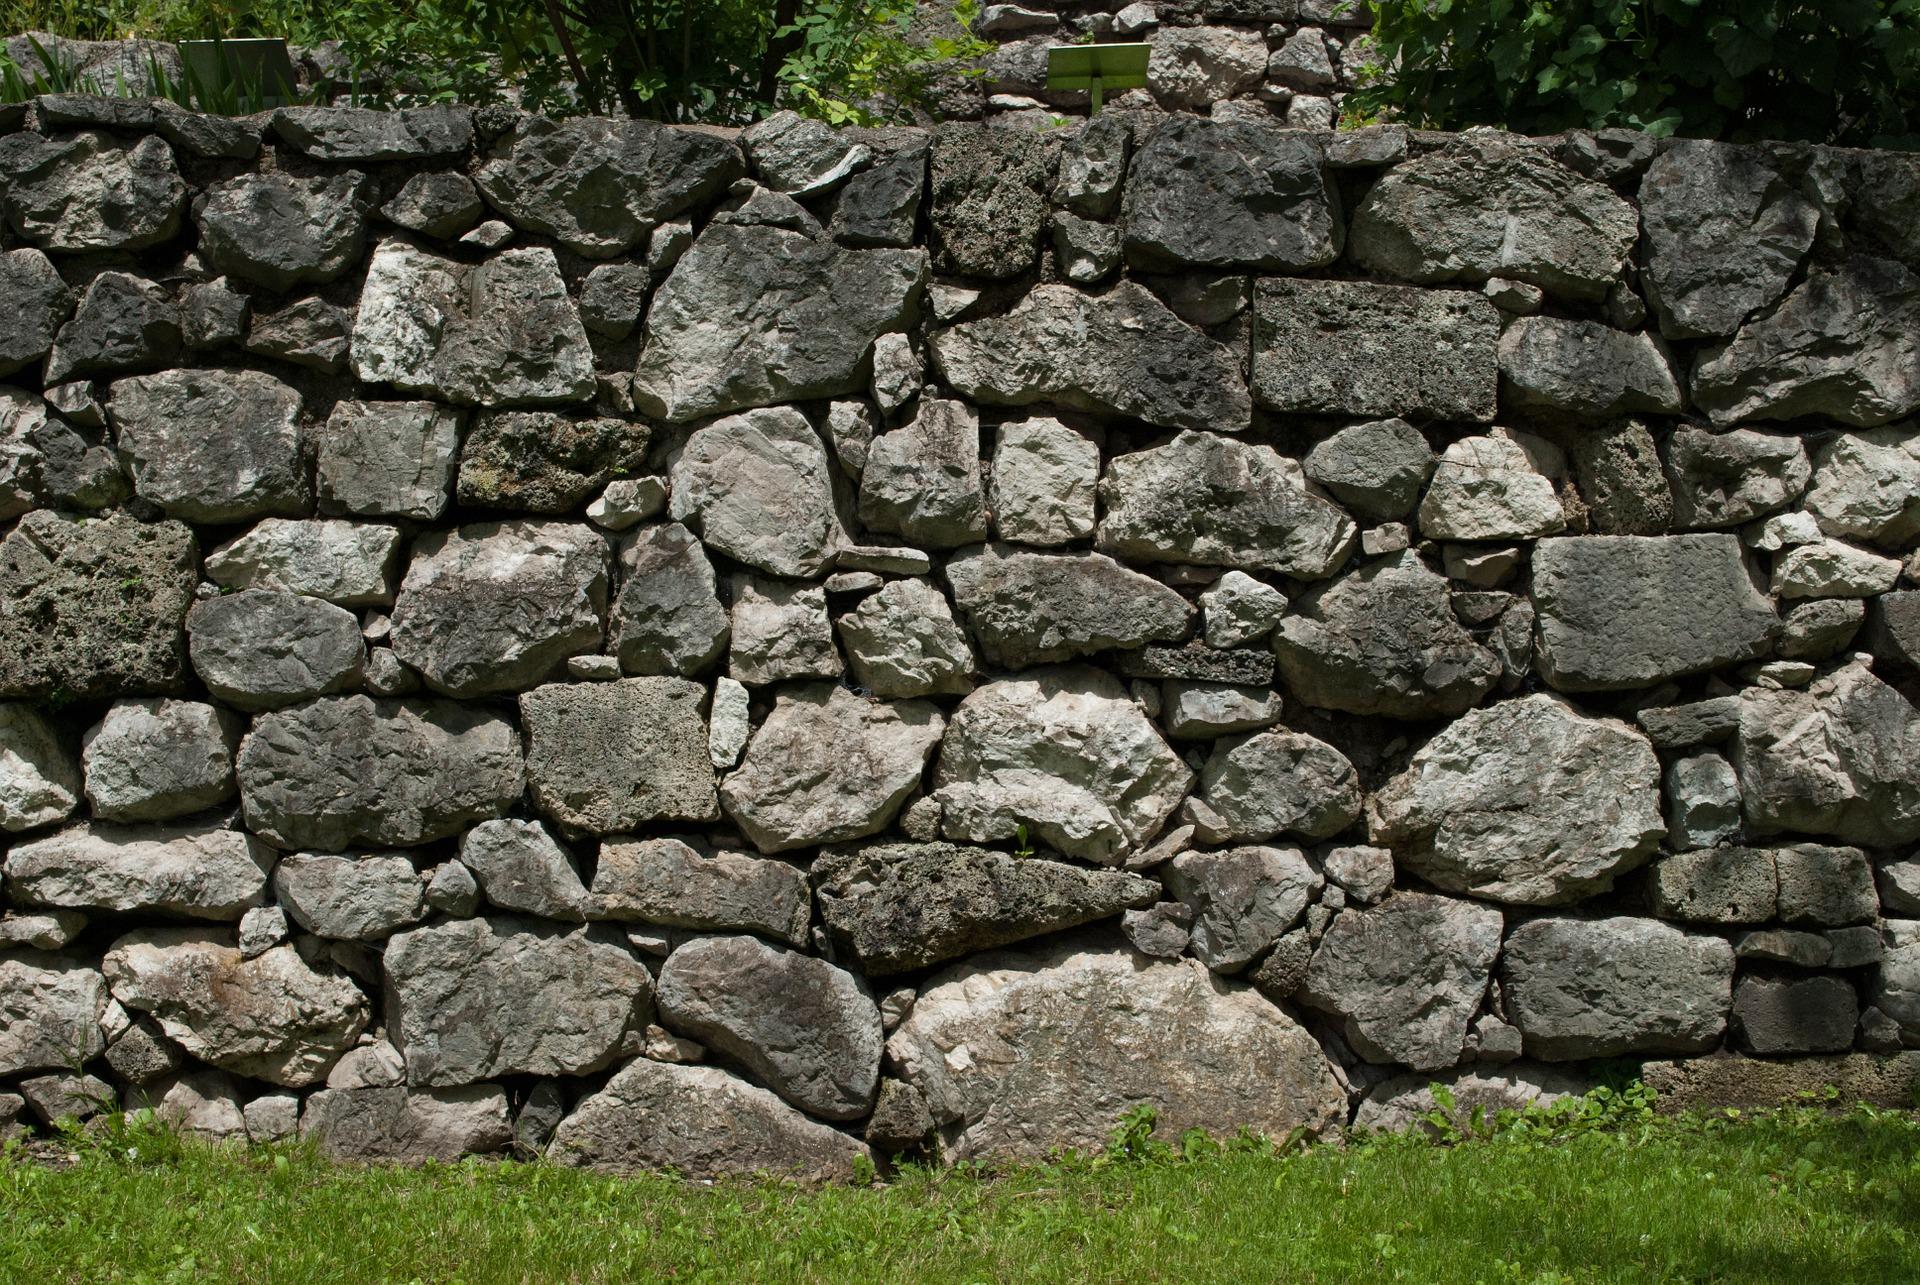 徳島城は石垣・庭園が魅力のおすすめ観光スポット!博物館も人気!